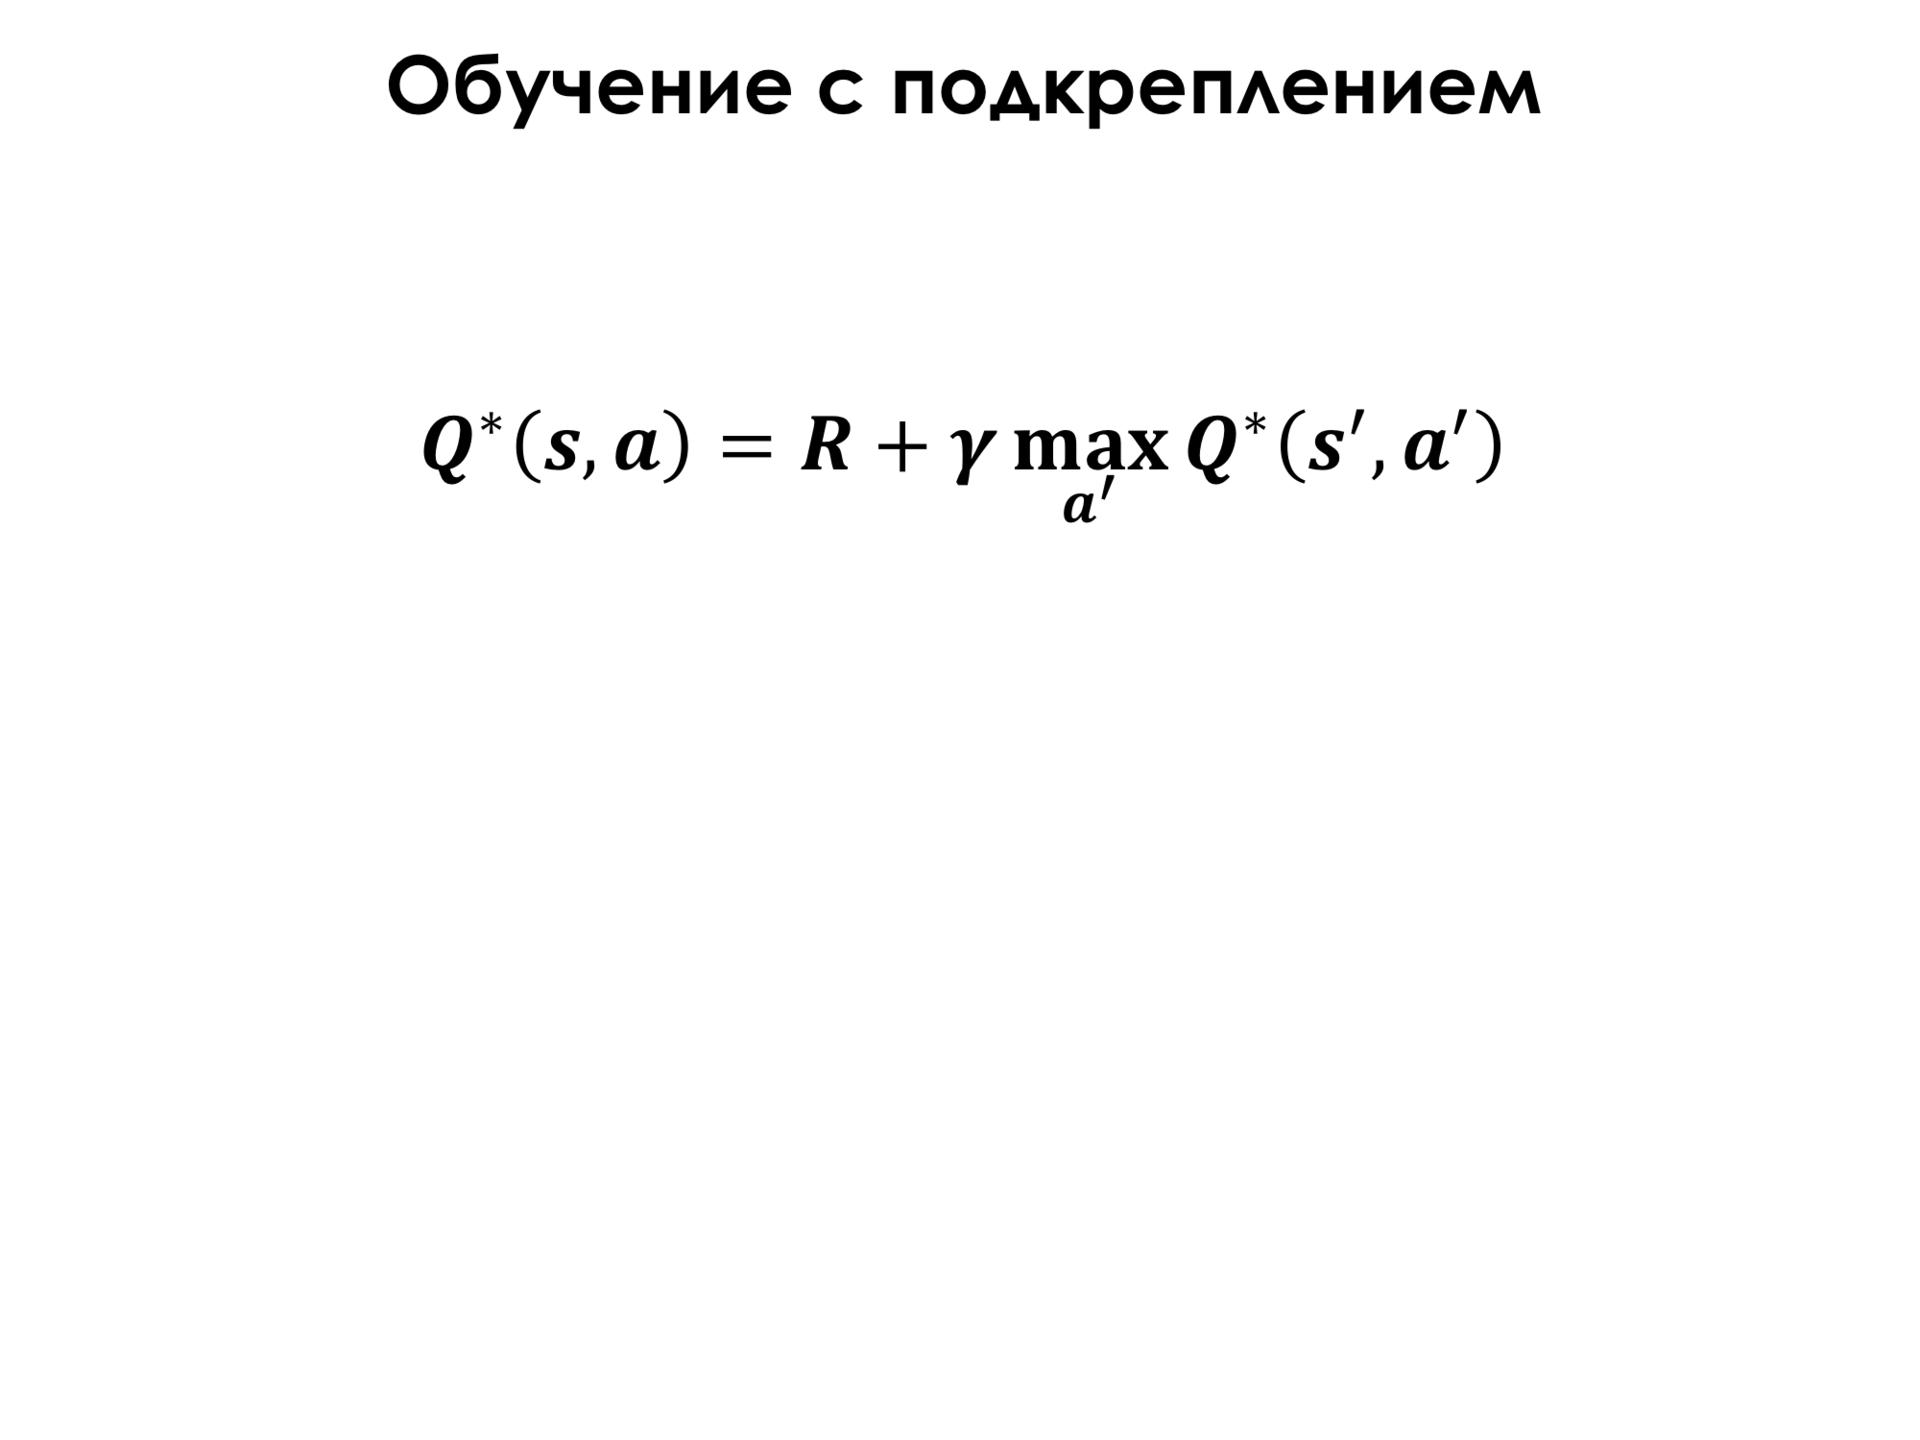 Самое главное о нейронных сетях. Лекция в Яндексе - 46